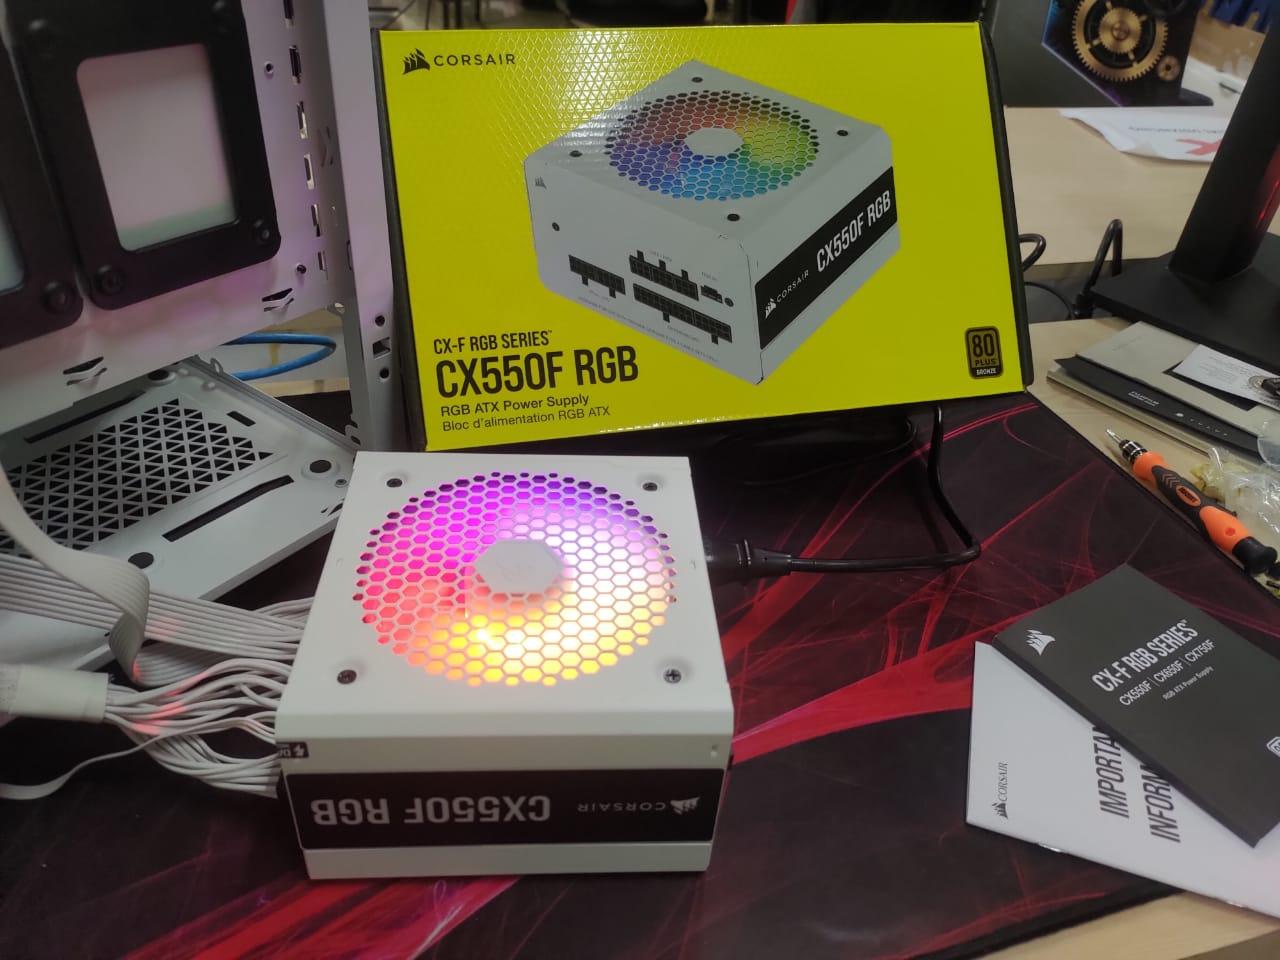 Corsair Rilis Produk PSU Kelas Entry-Level Tampilan RGB